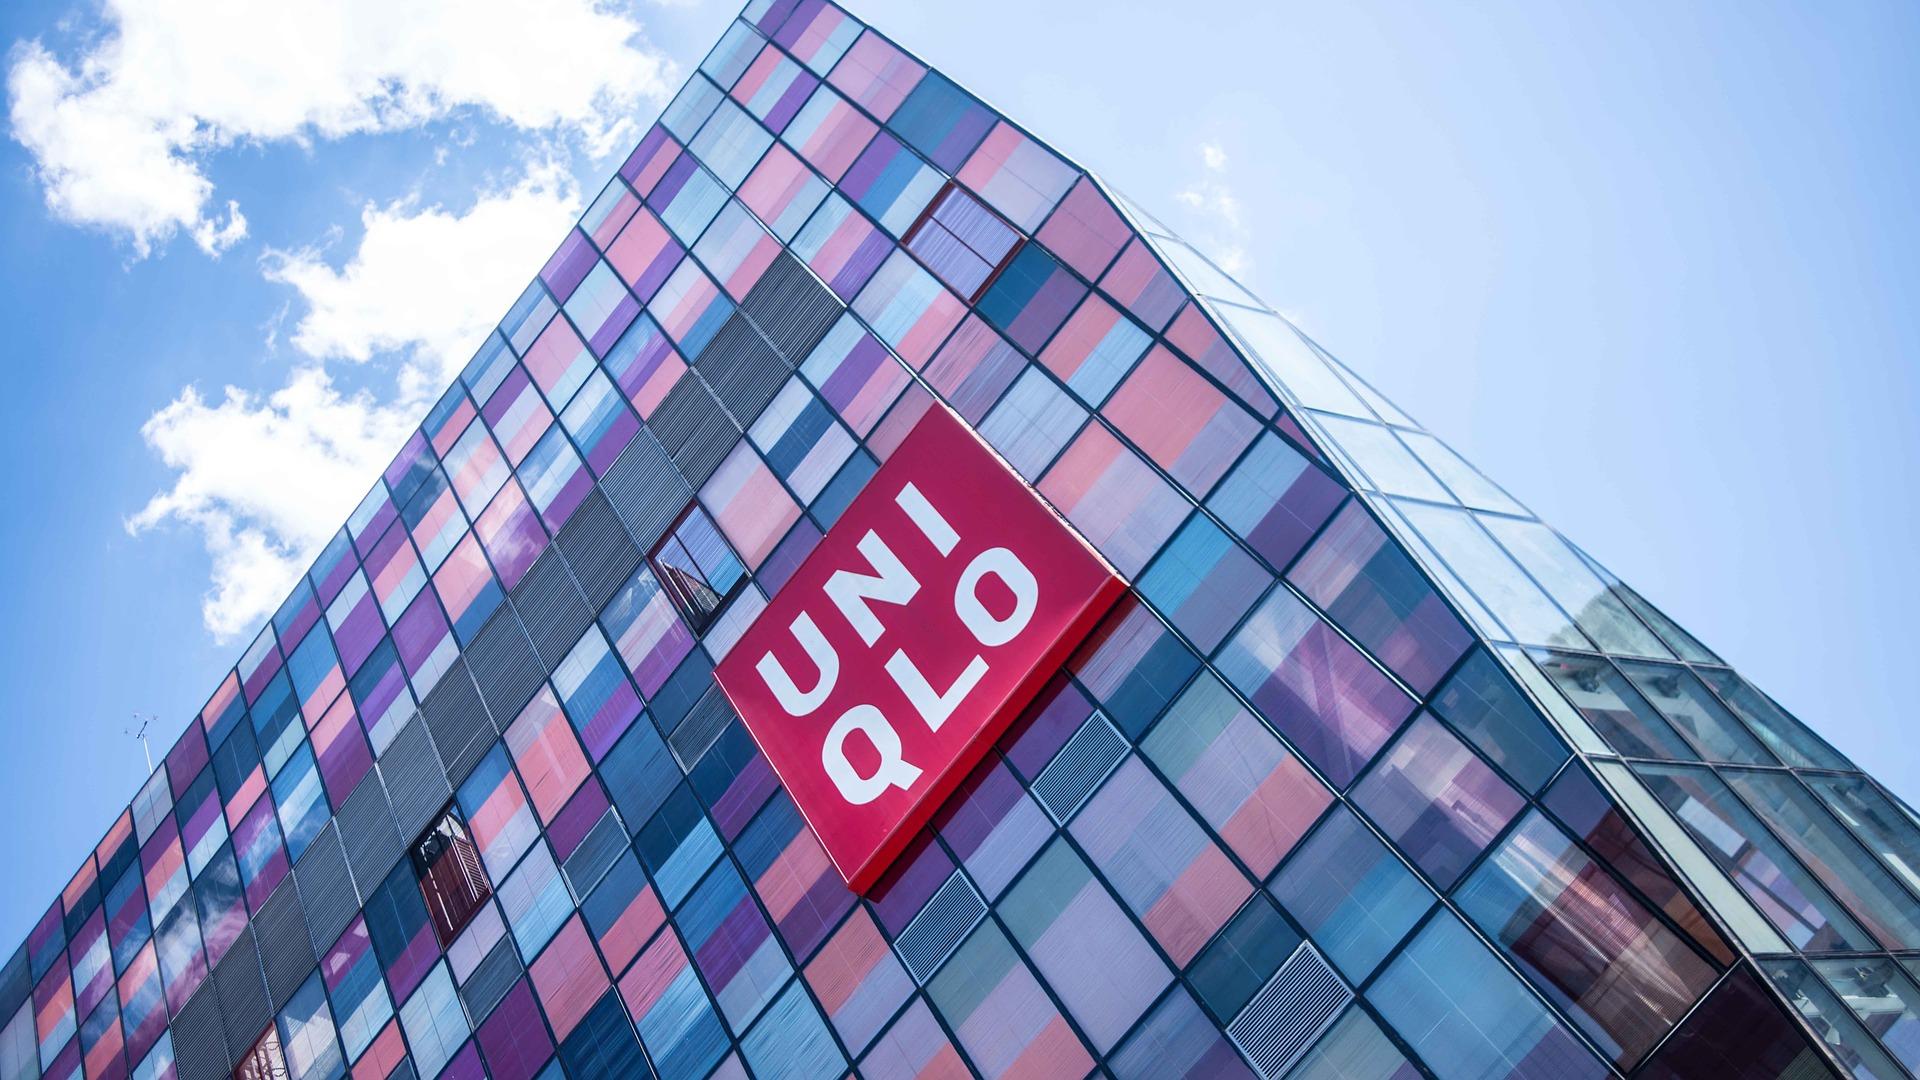 Tienda UniQlo en Sanlitun, Pekín, China